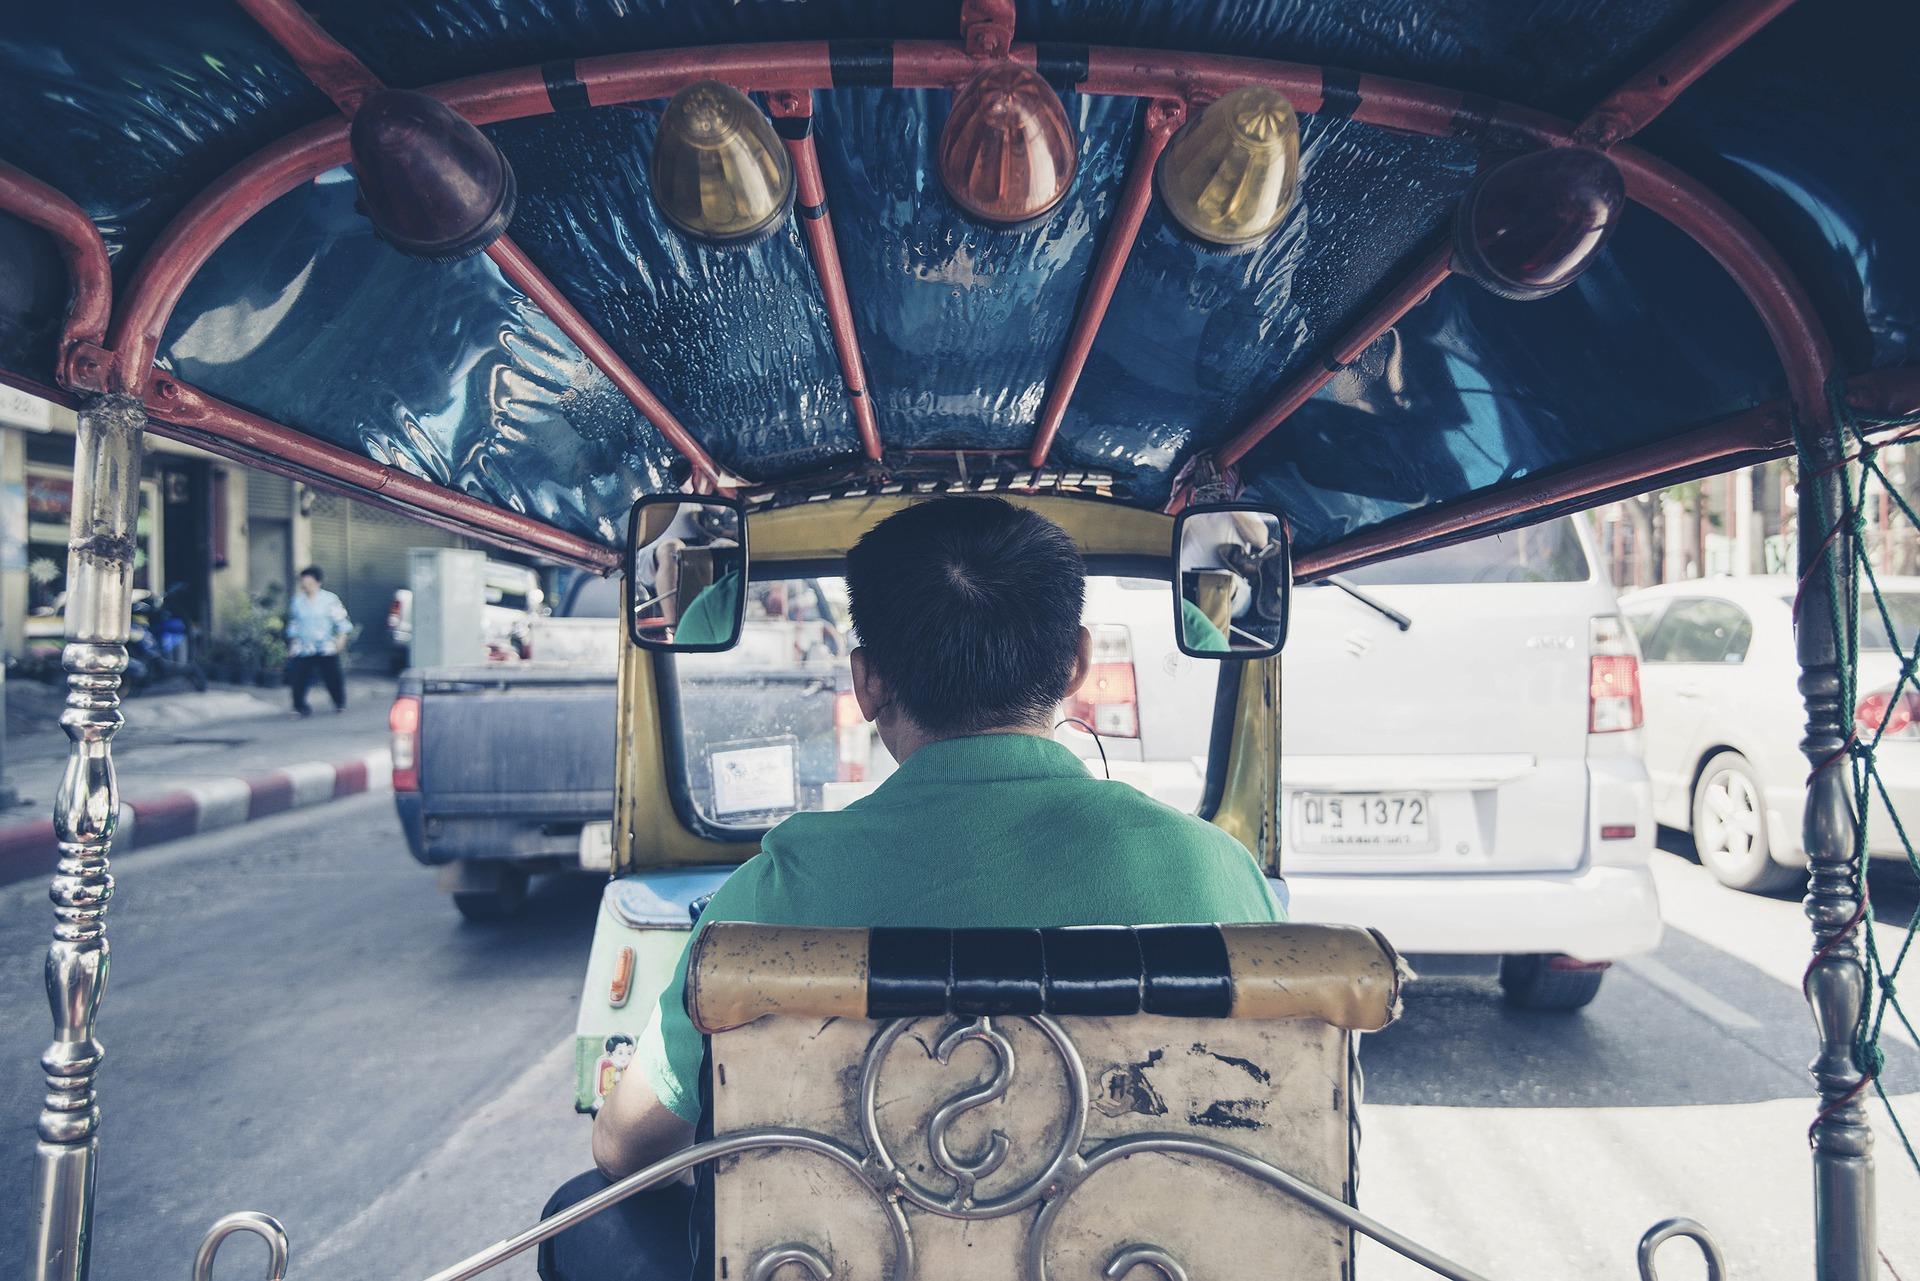 東南亞創業- 泰國創業的商機與挑戰